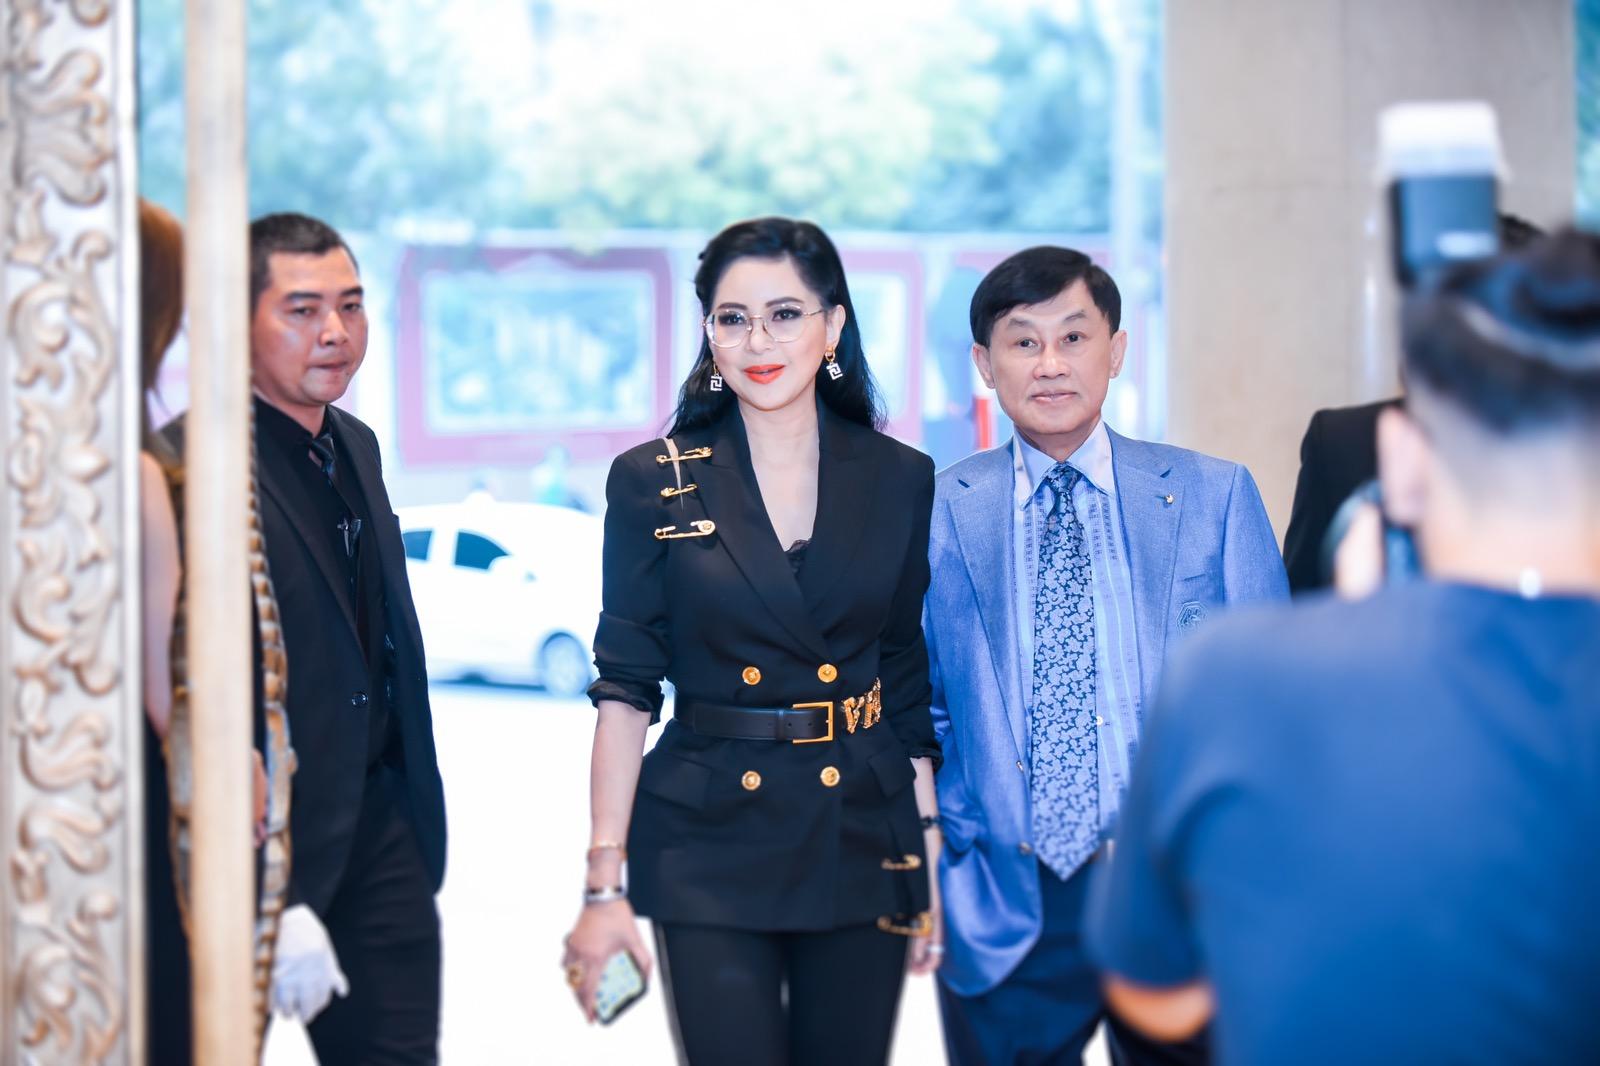 Vua hàng hiệu Johnathan Hạnh Nguyễn cùng vợ - doanh nhân Thủy Tiên tham dự sự kiện khai trương cửa hàng Rolex.